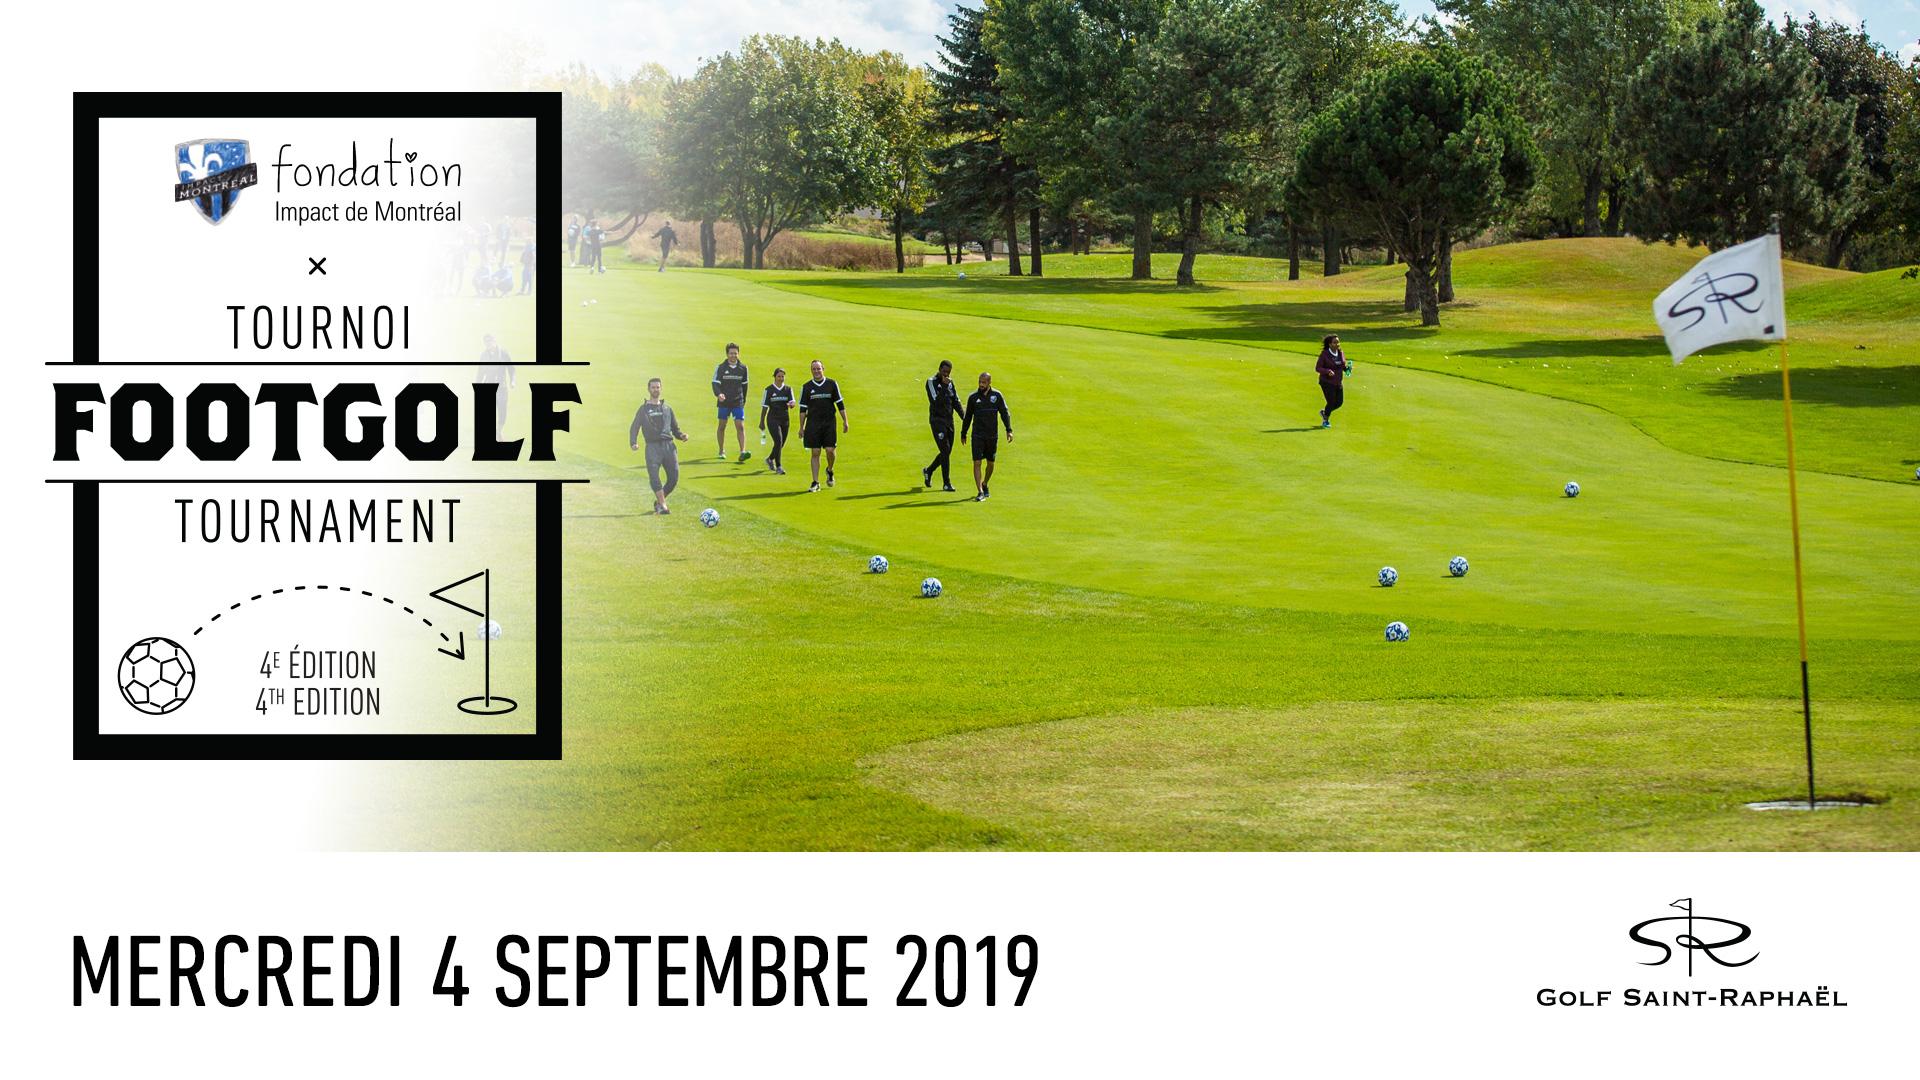 La quatrième édition du tournoi de footgolf aura lieu le 4 septembre